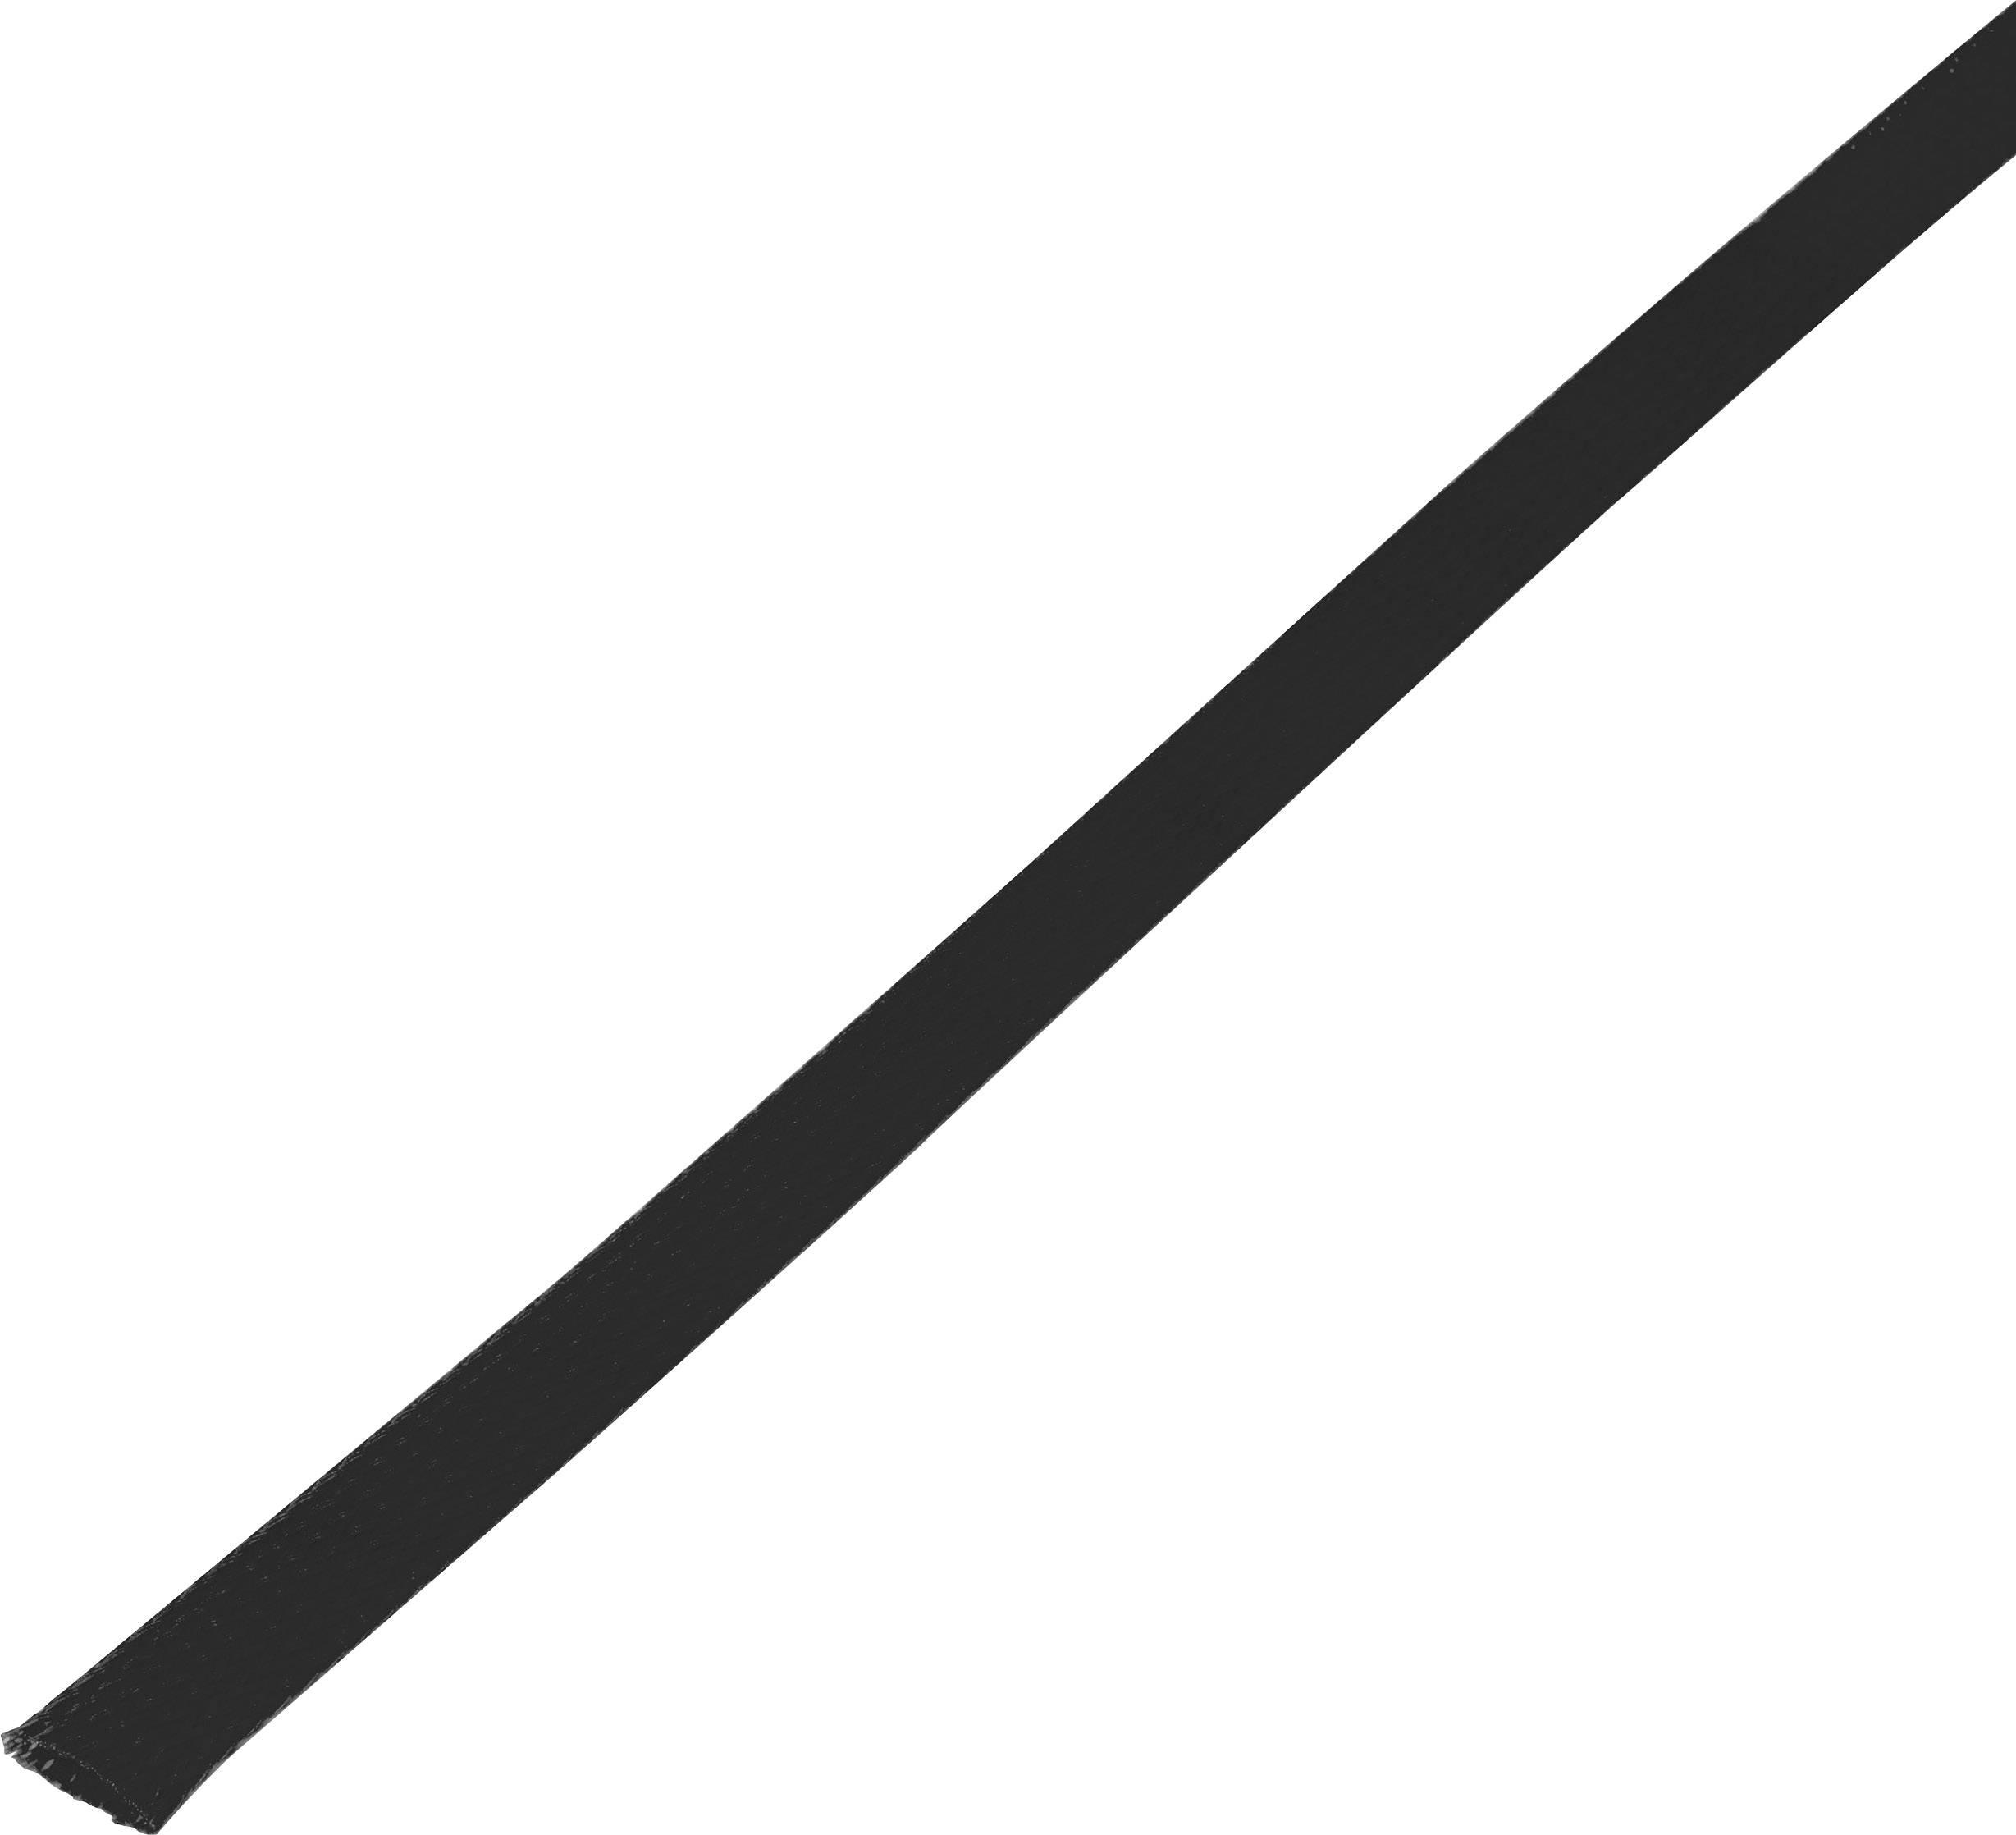 Ochranné opletenie CBBOX1527-BK Ø zväzku: 15 - 27 mm čierna 10 m